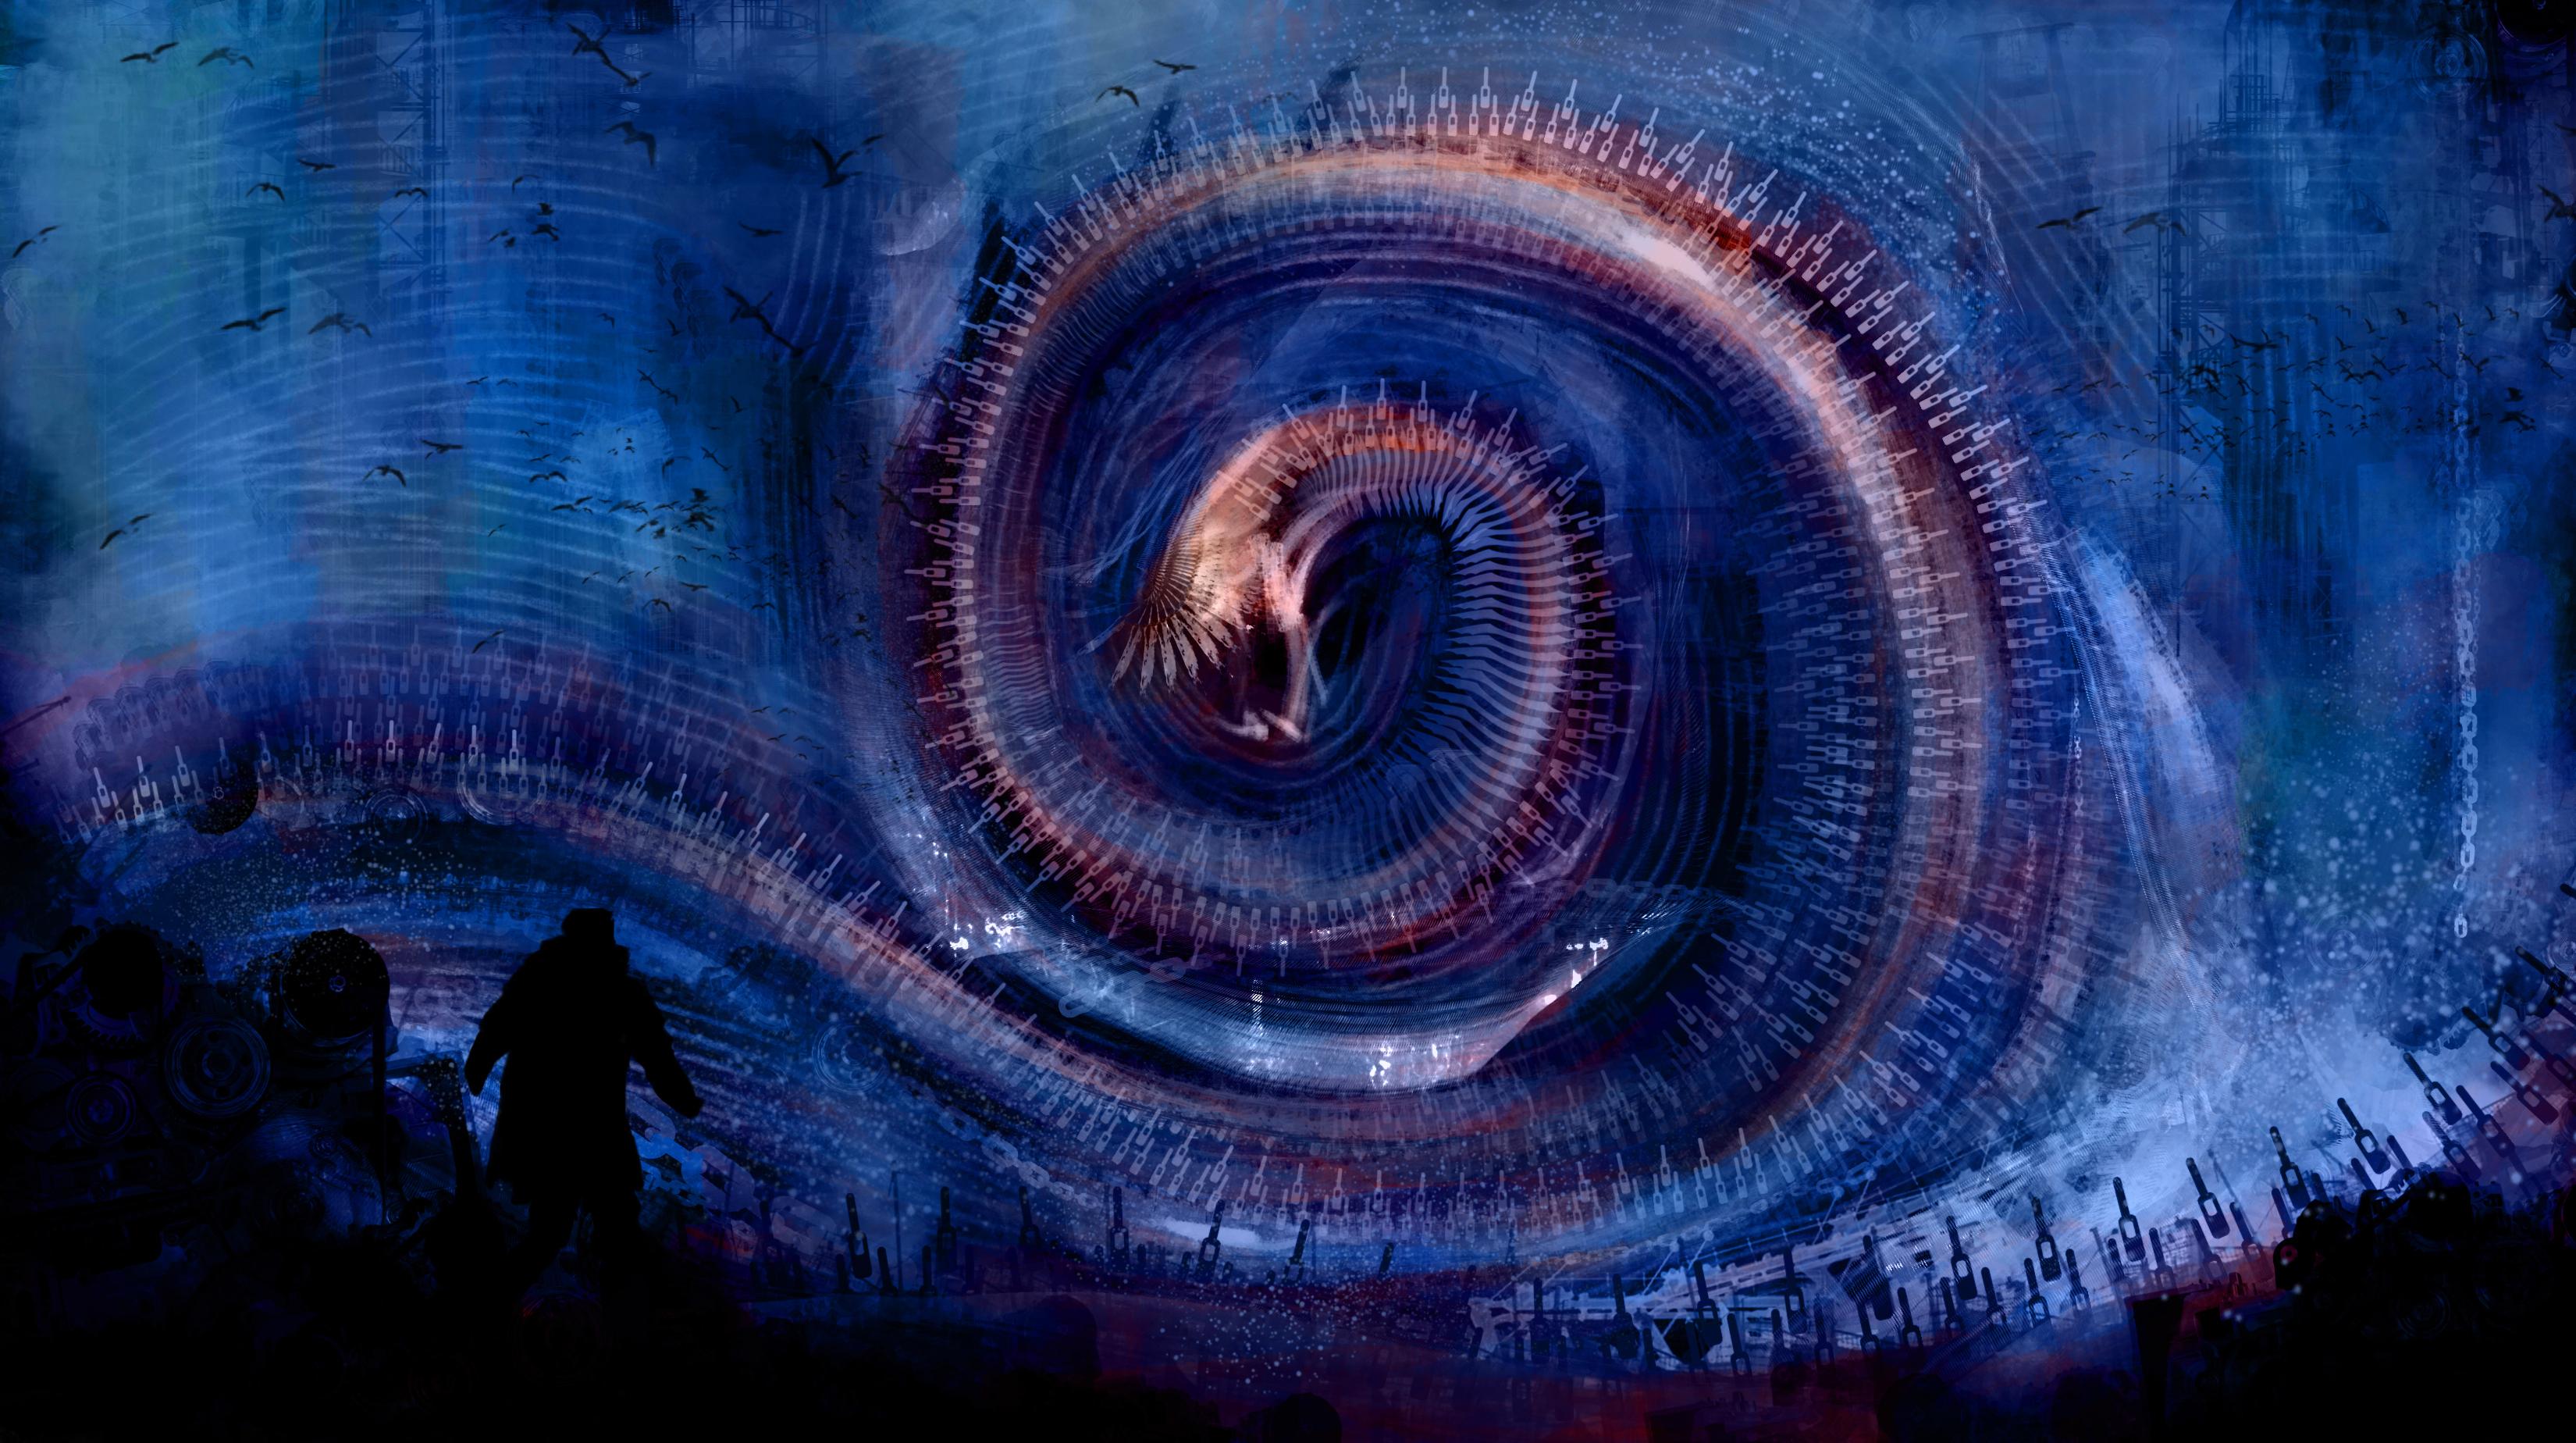 Assez Fonds D'écran Abstrait Créature - MaximumWallHD DR11